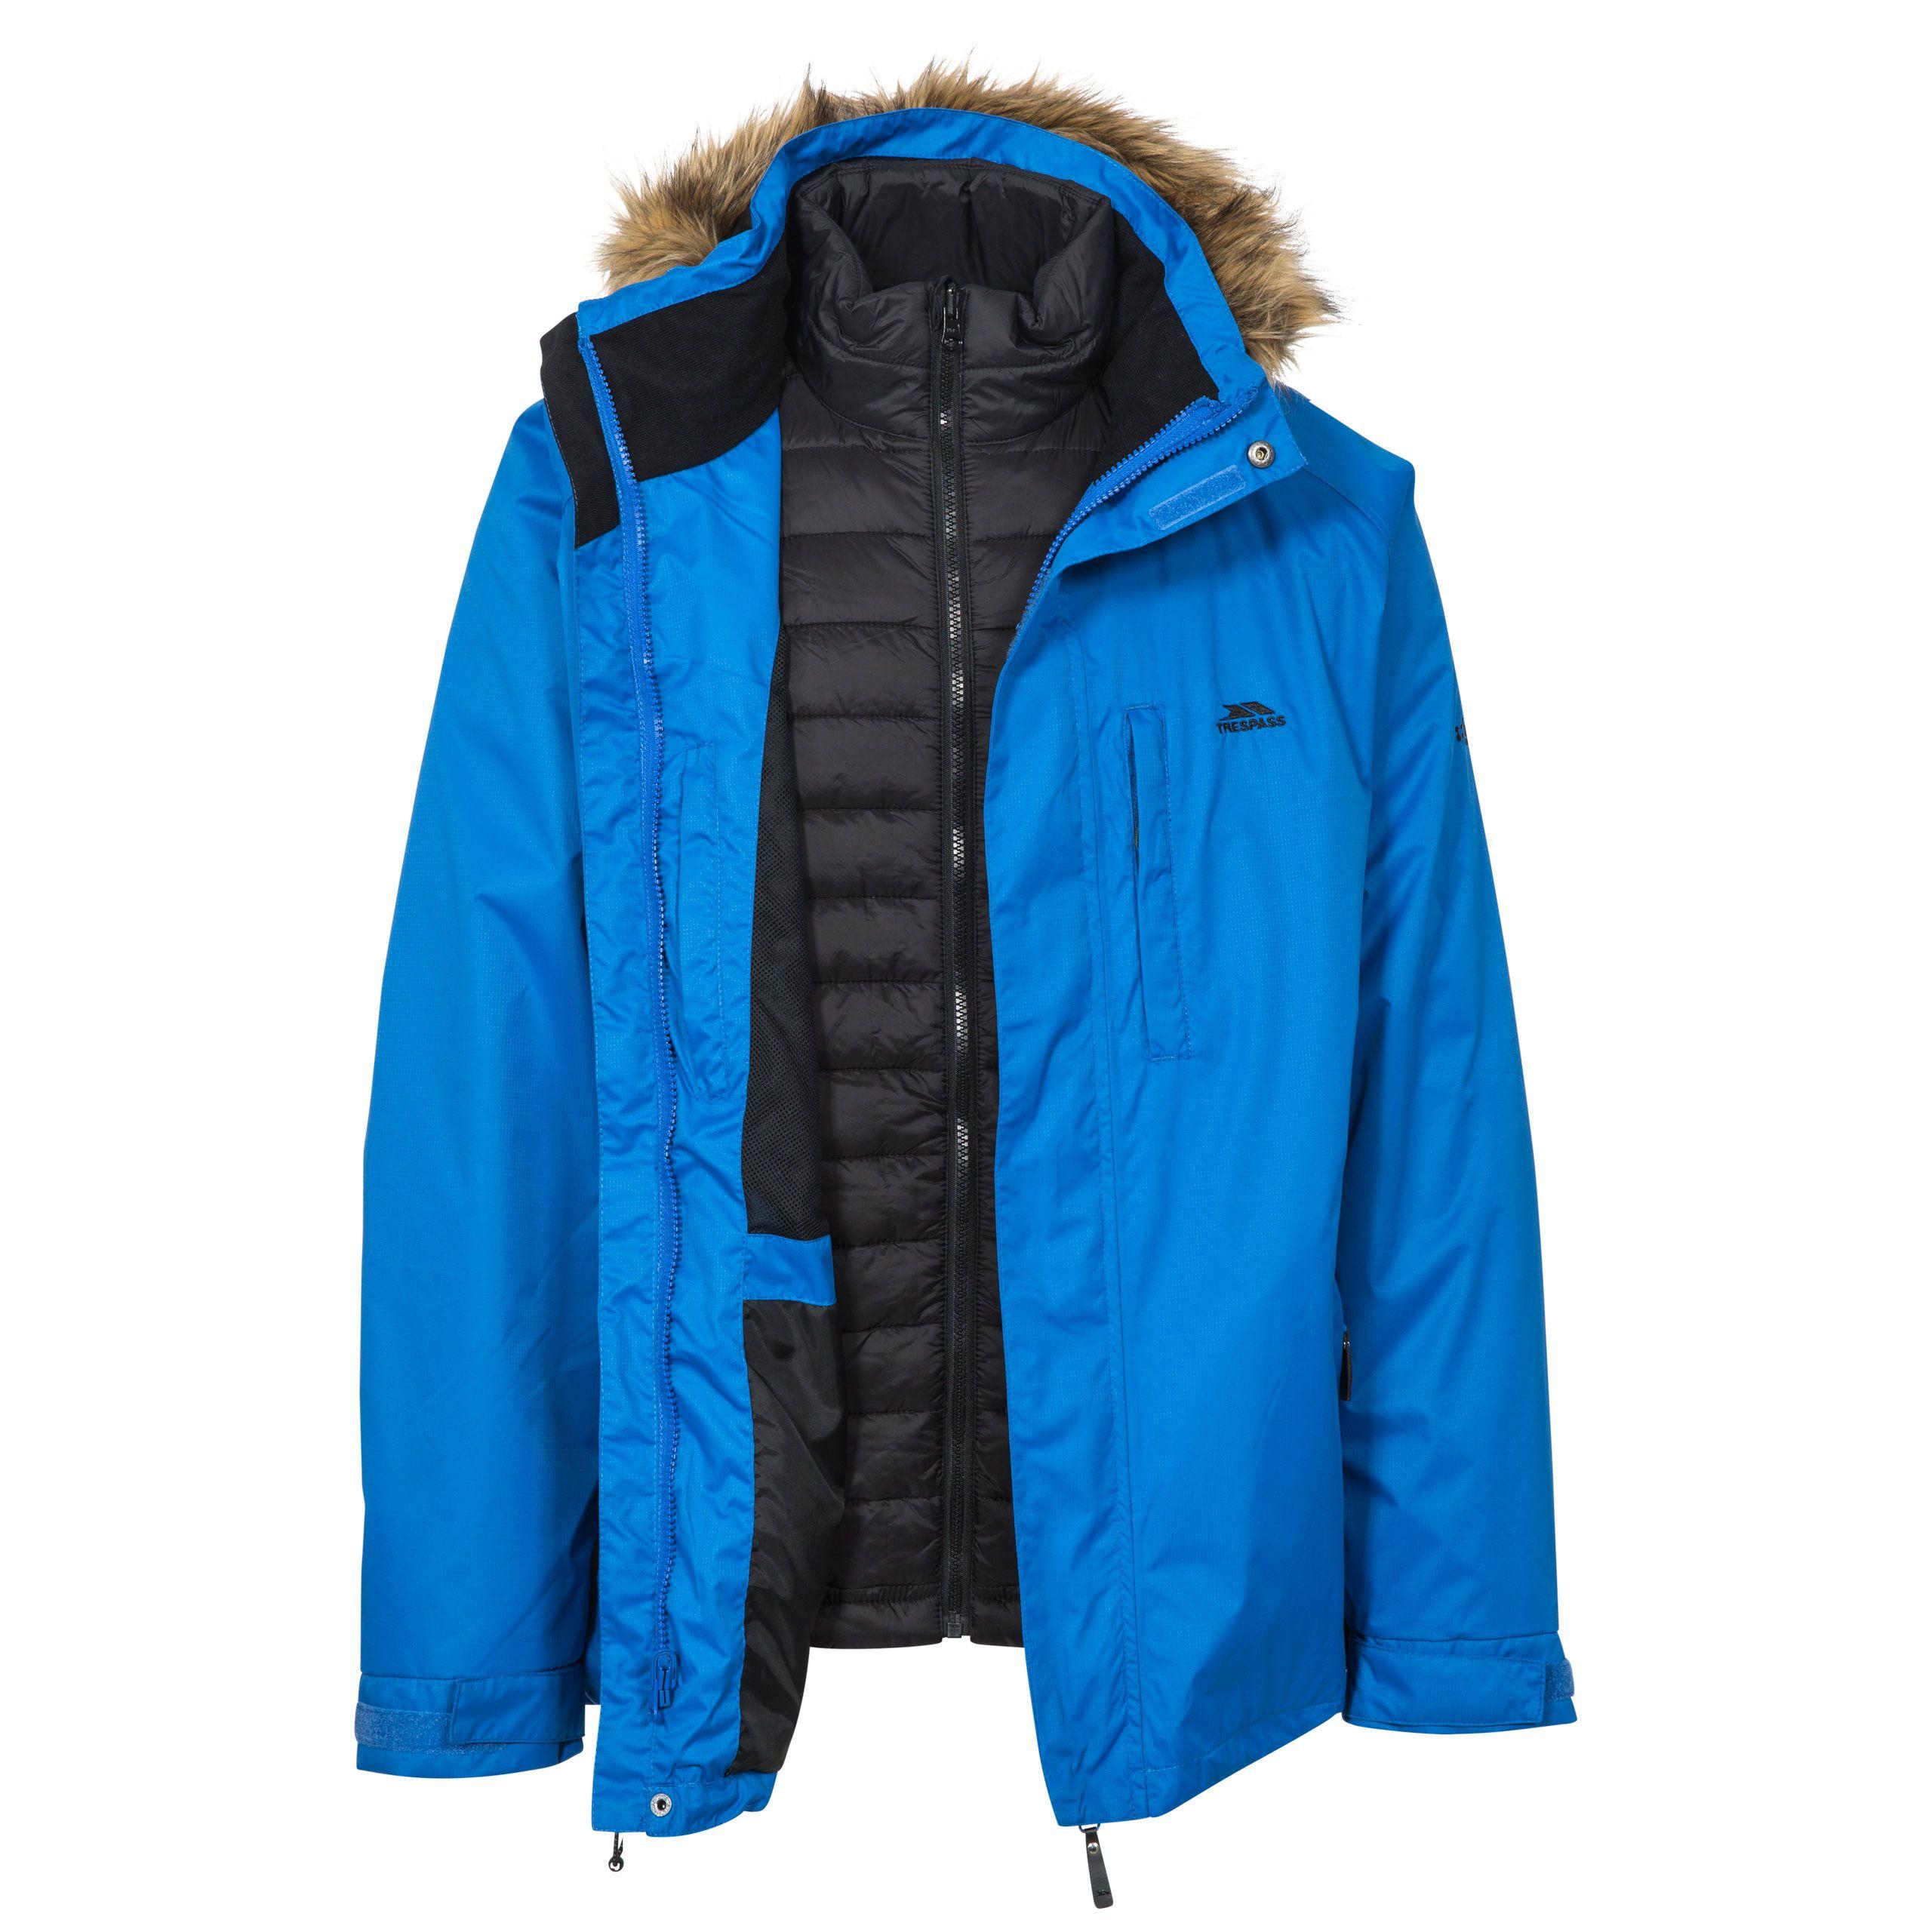 Qikpac Womens Waterproof Packaway Jacket